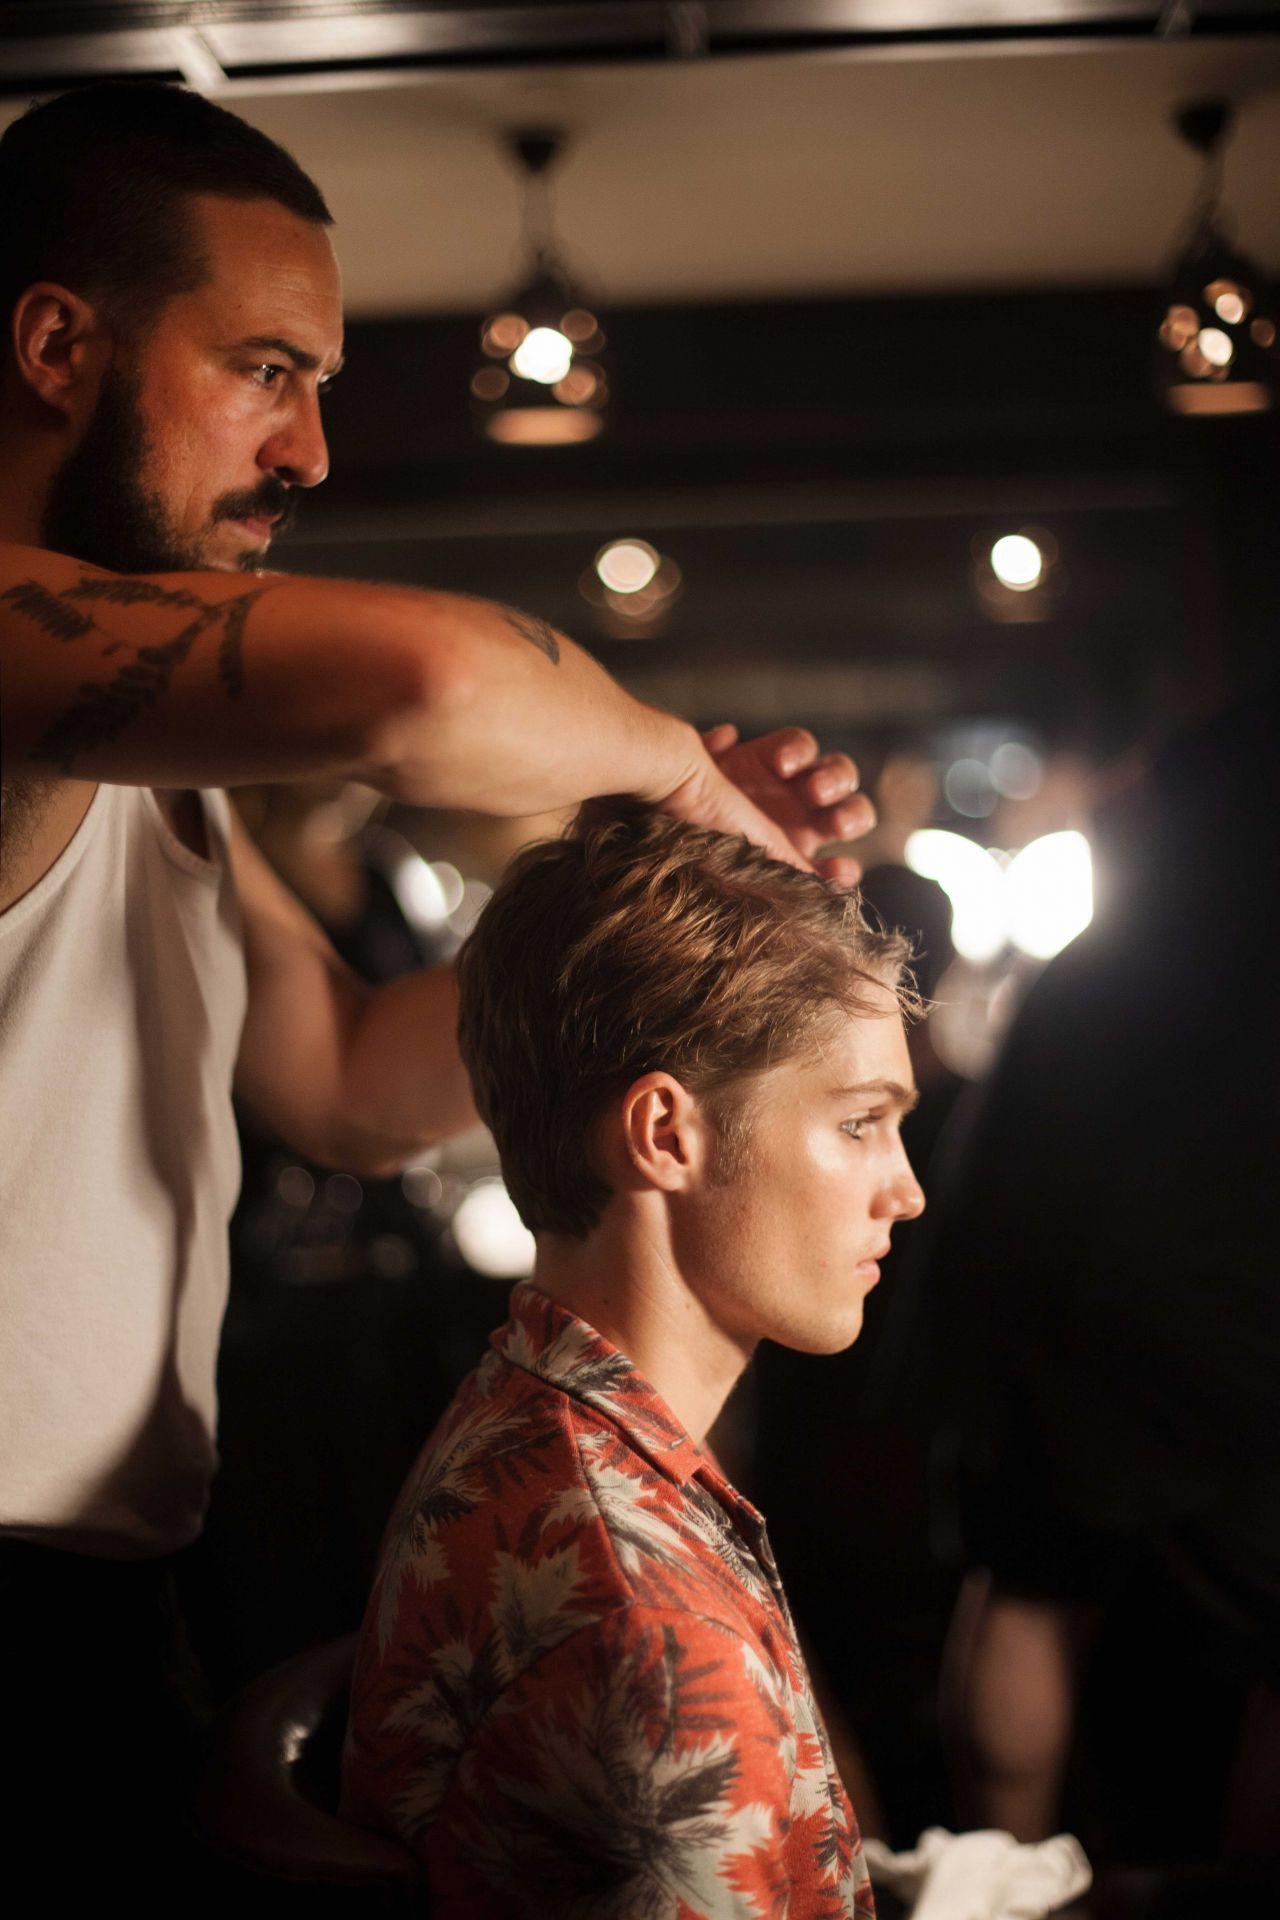 Blind Barber Profile - Justin Gramelspacher